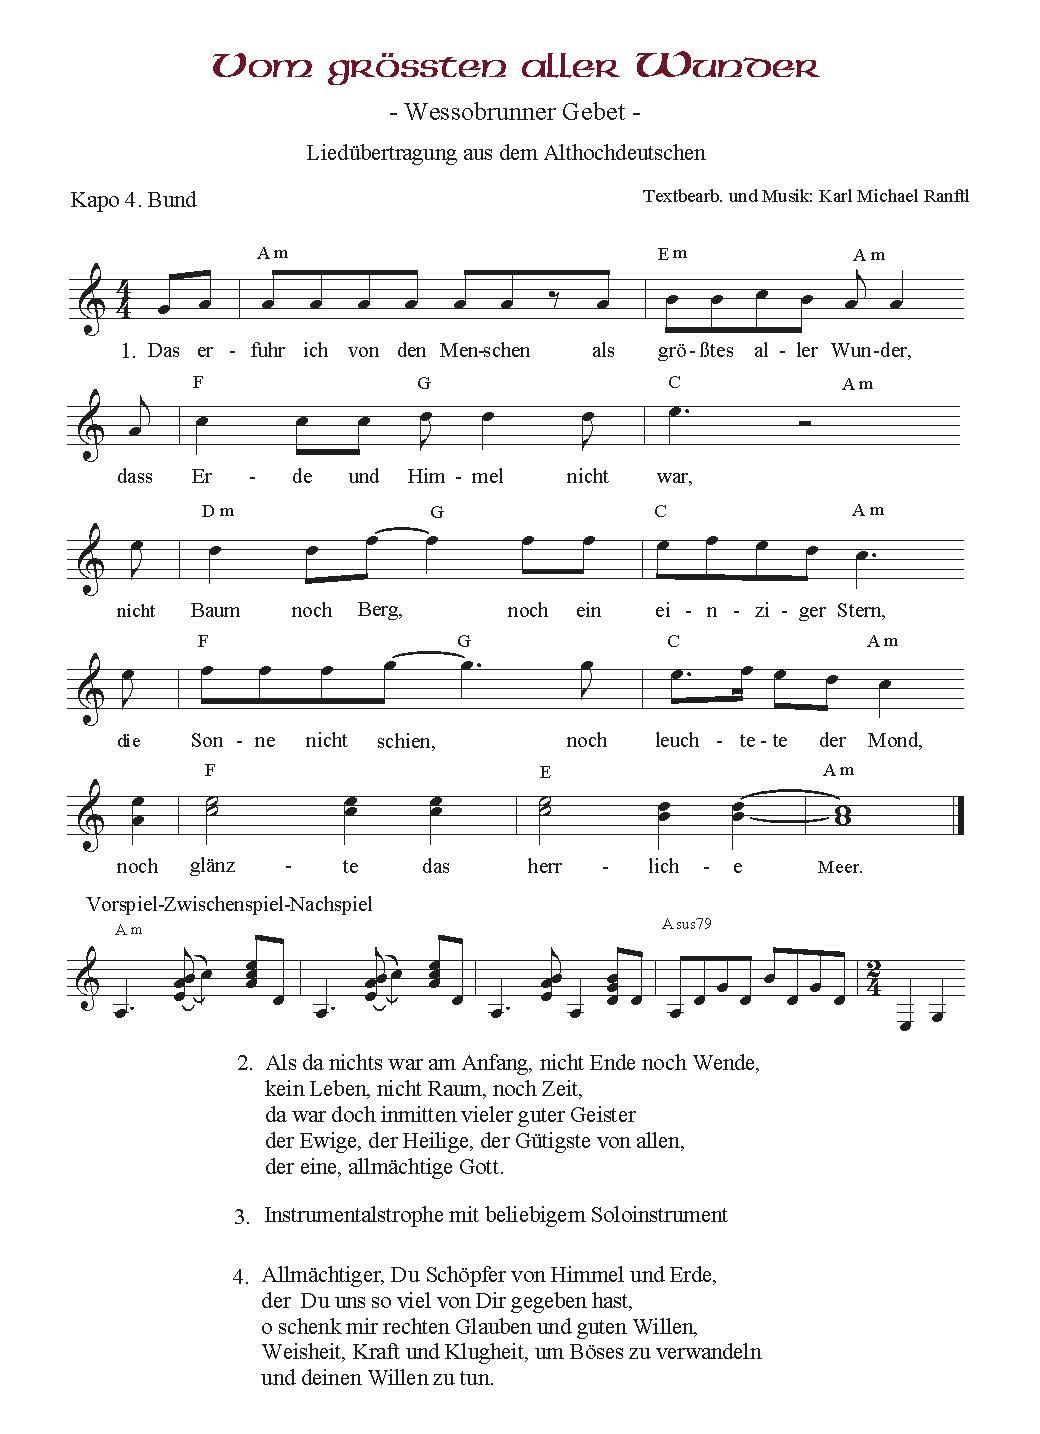 Wessobrunner Gebet - Booklet Seite 24